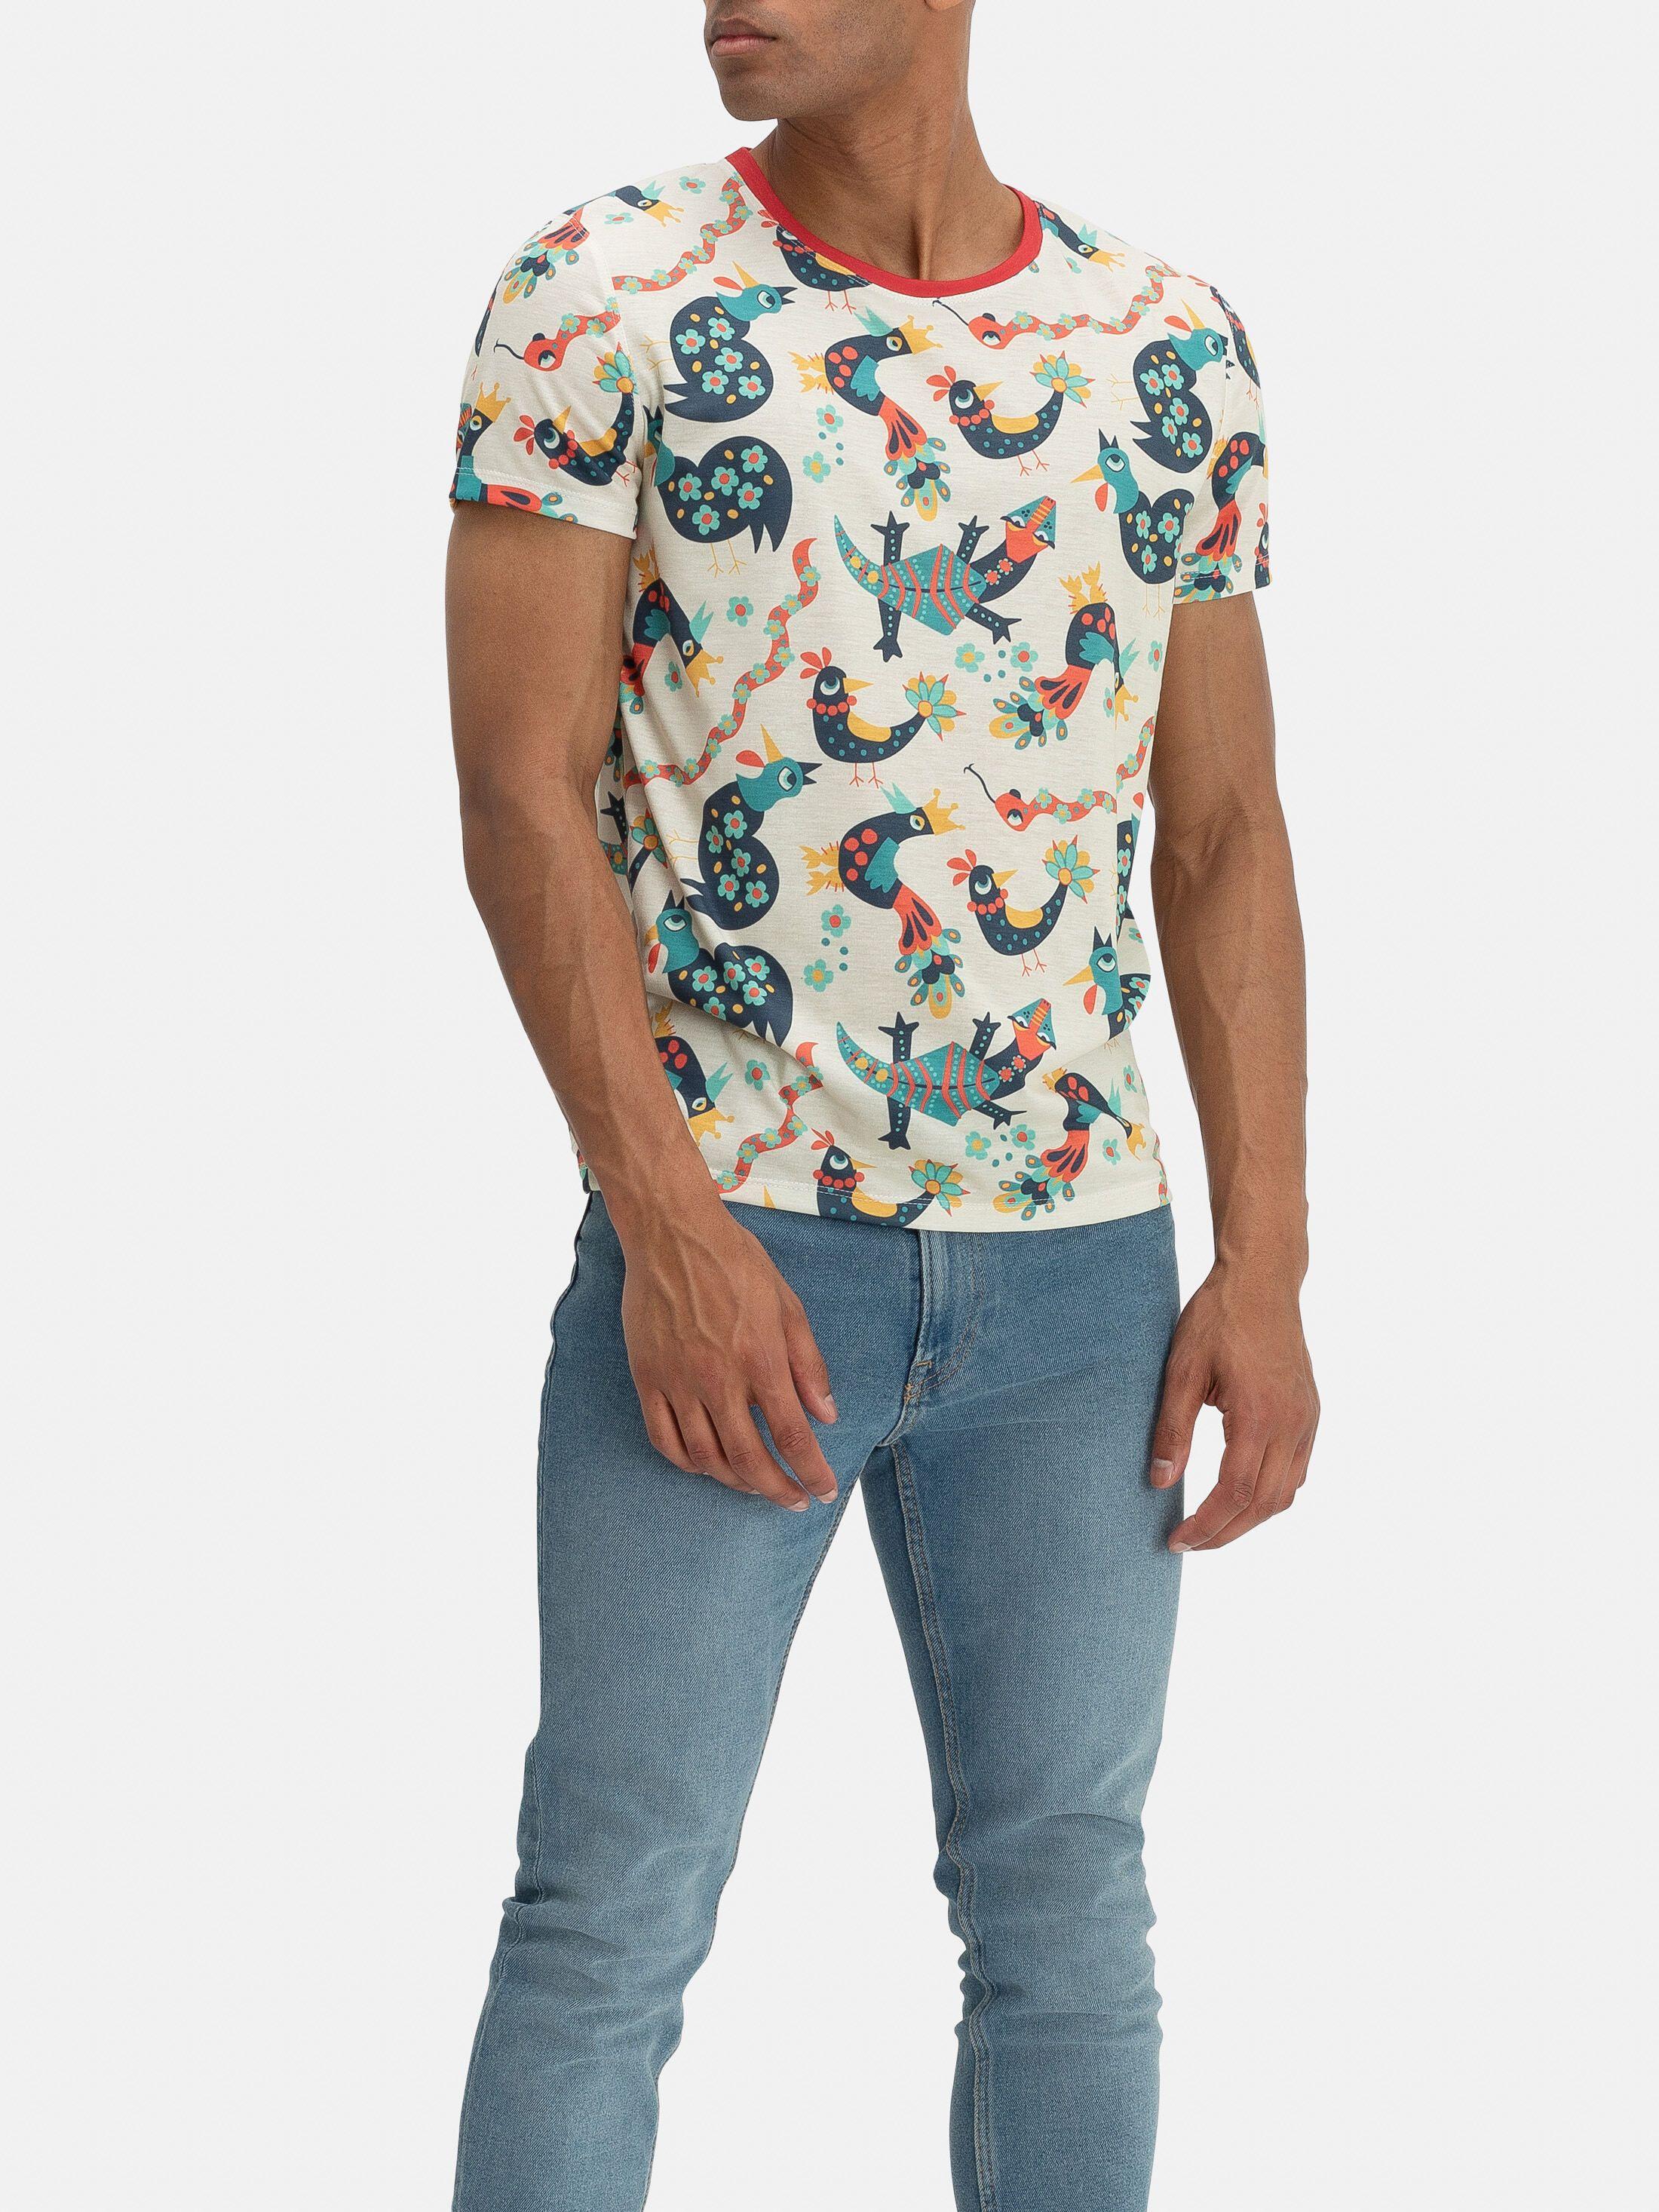 ハンドメイトtシャツ 全面プリント